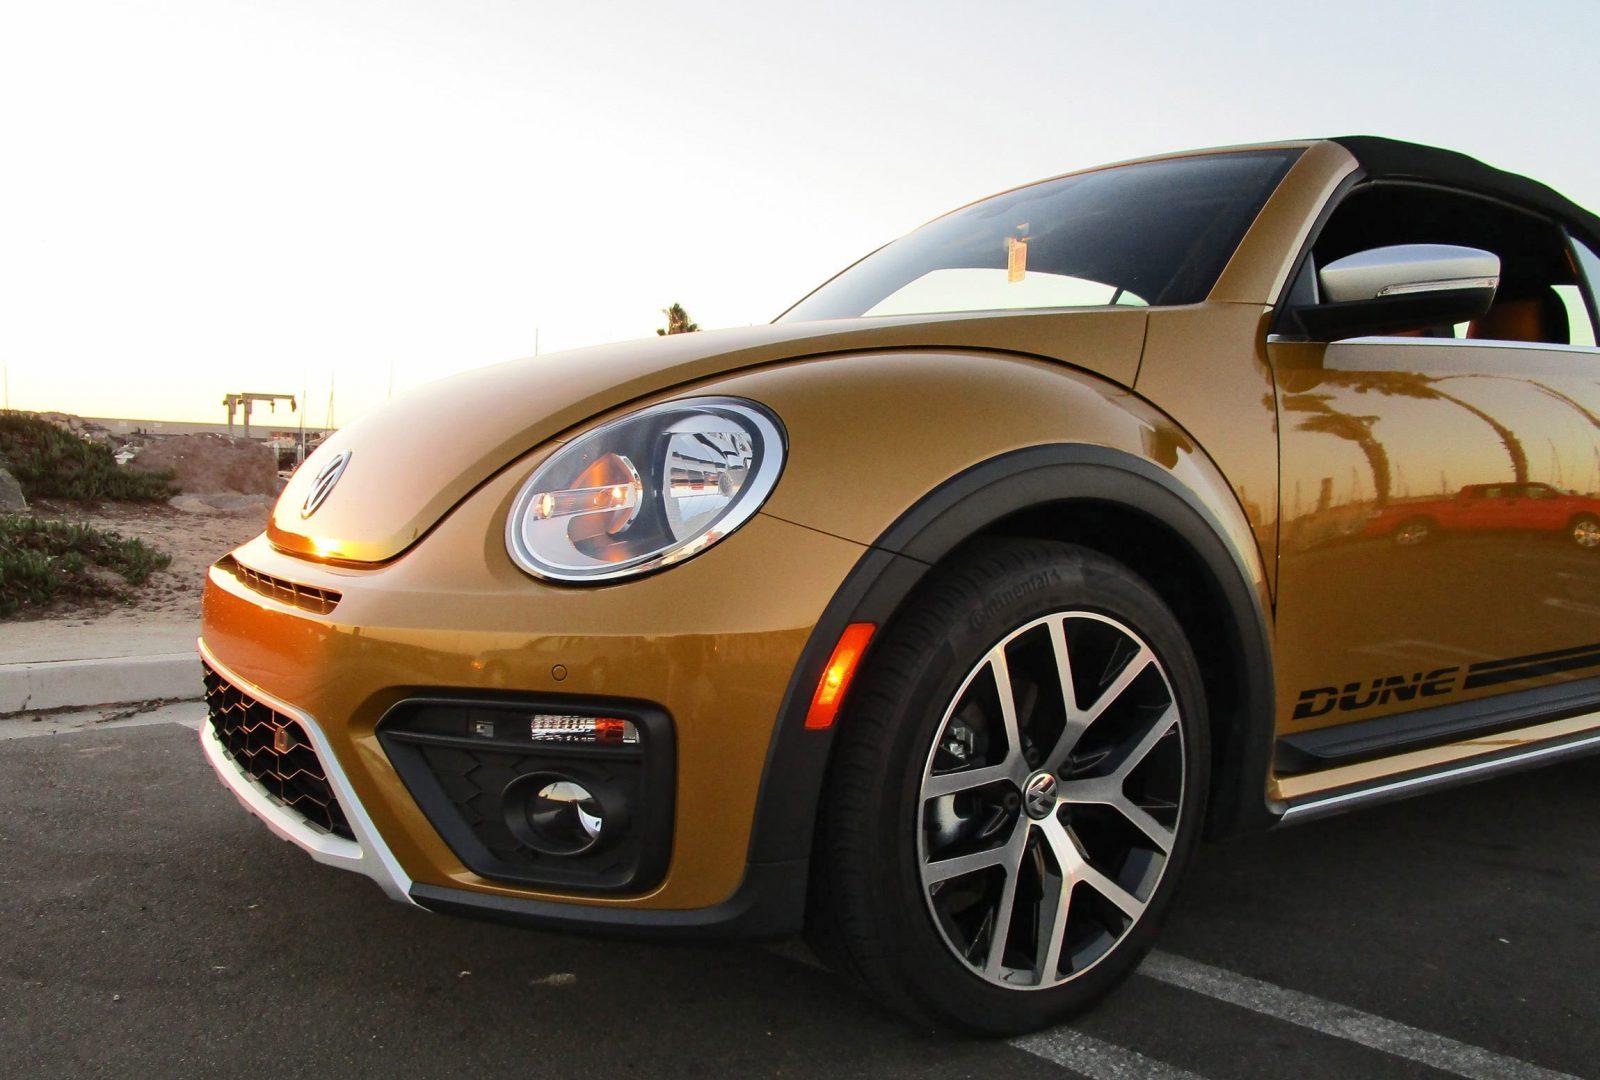 2017 vw beetle dune cabriolet road test review by ben. Black Bedroom Furniture Sets. Home Design Ideas